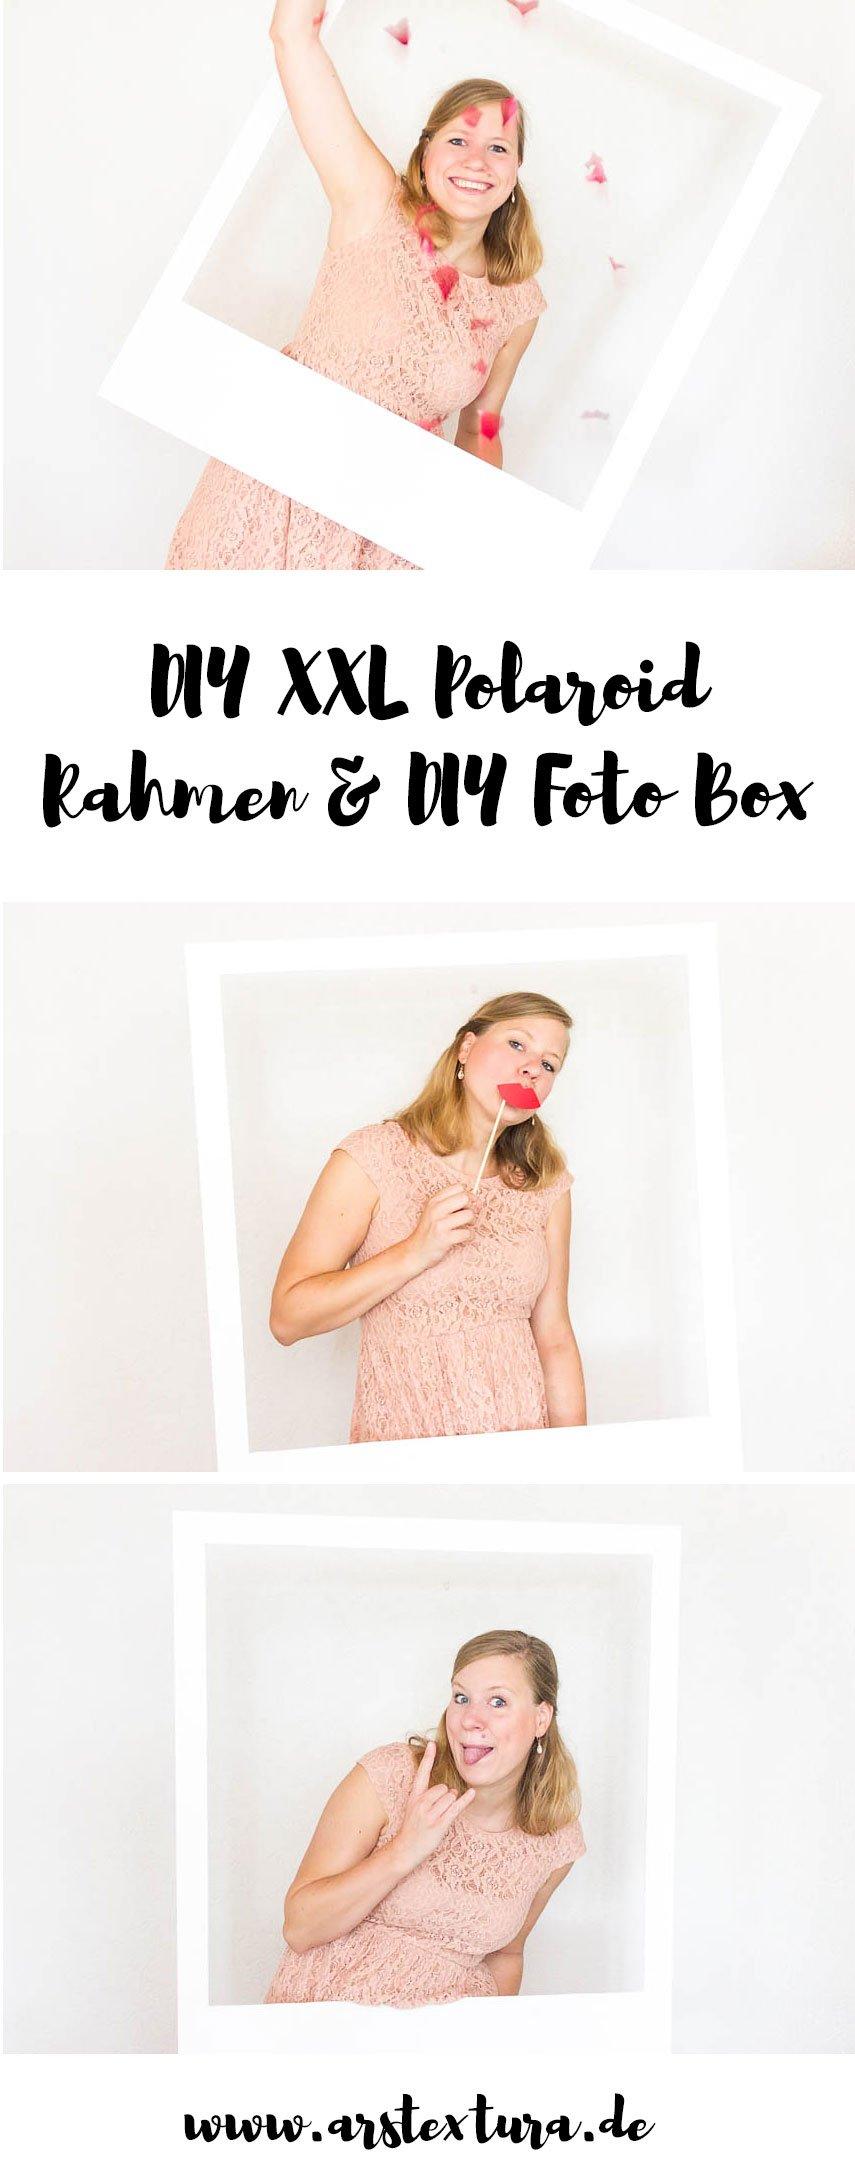 DIY Fotobox - XXL Polaroidrahmen für deine Hochzeit